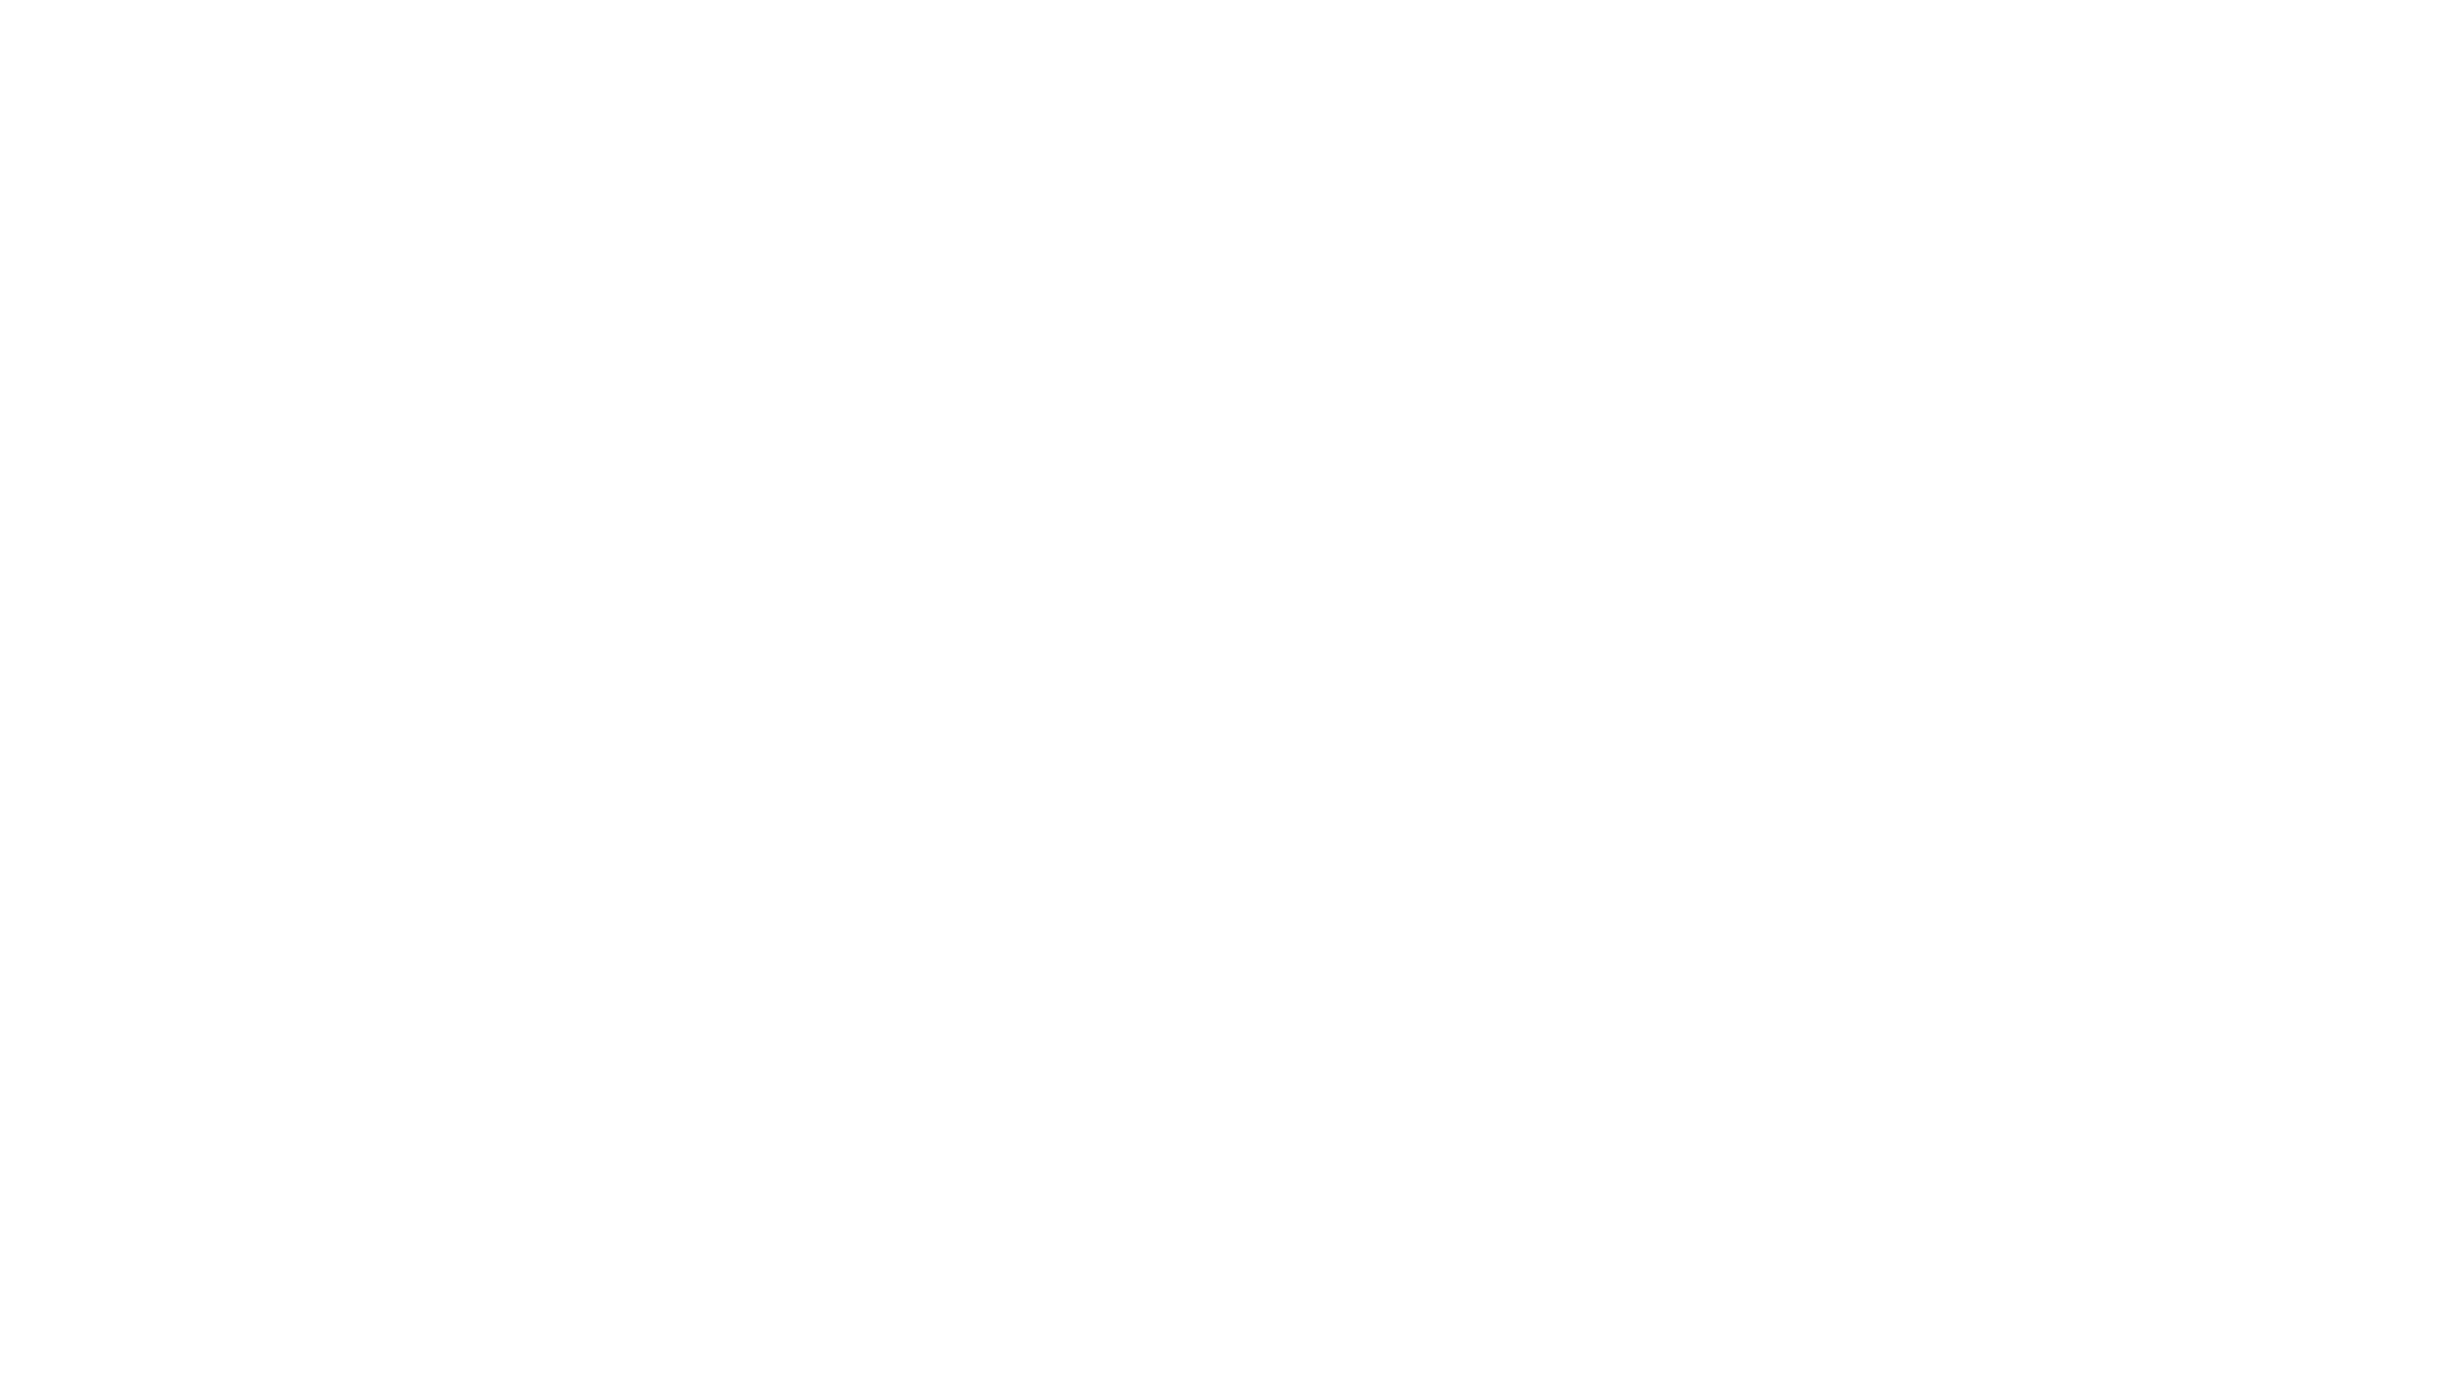 Logo Weiß Gutenmorgenfreiheit Guten Morgen Freiheit